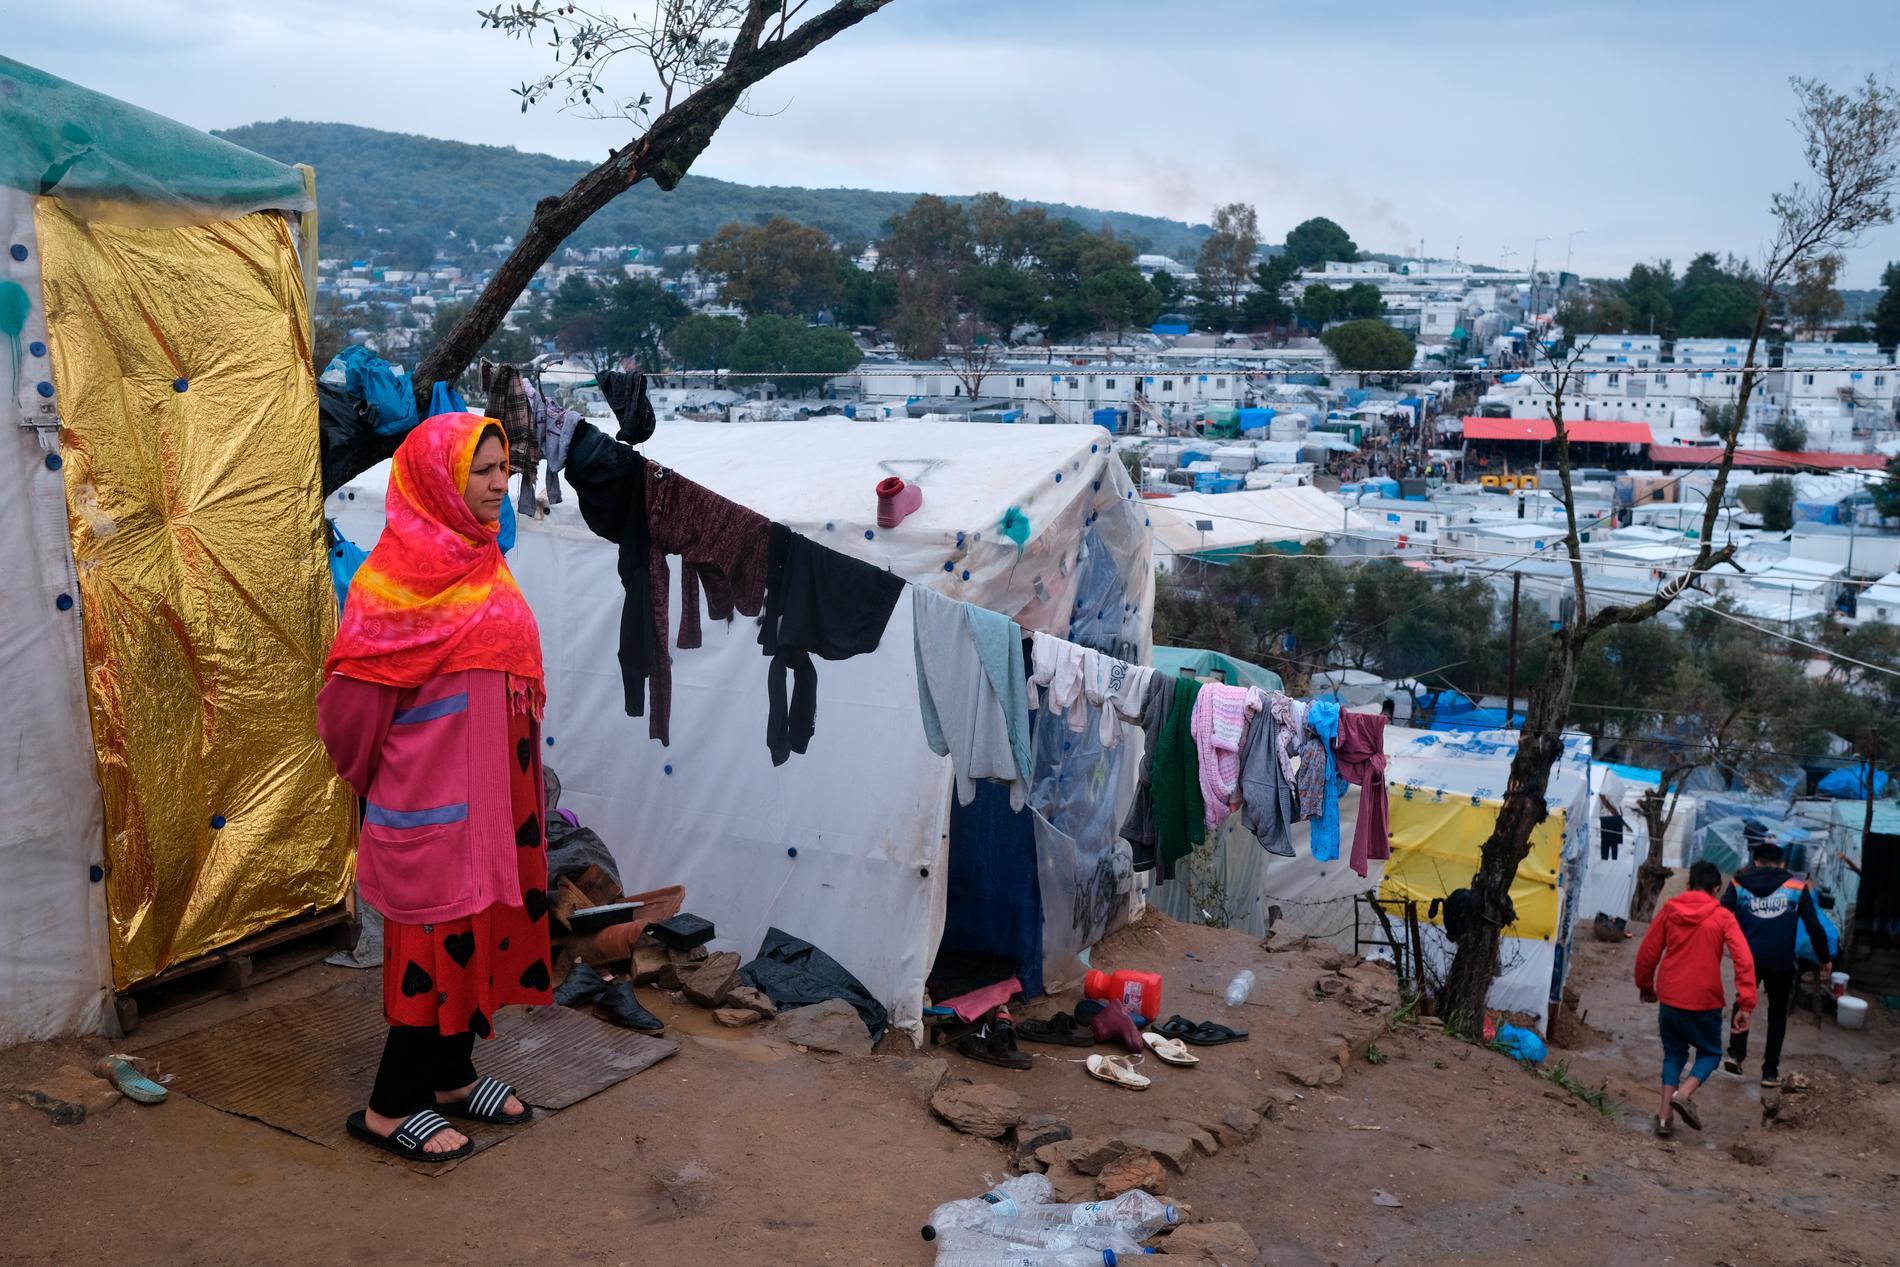 En migrant vid ett provisoriskt tält utanför det överfulla flyktinglägret Moria på ön Lesbos i Grekland. Arkivbild.